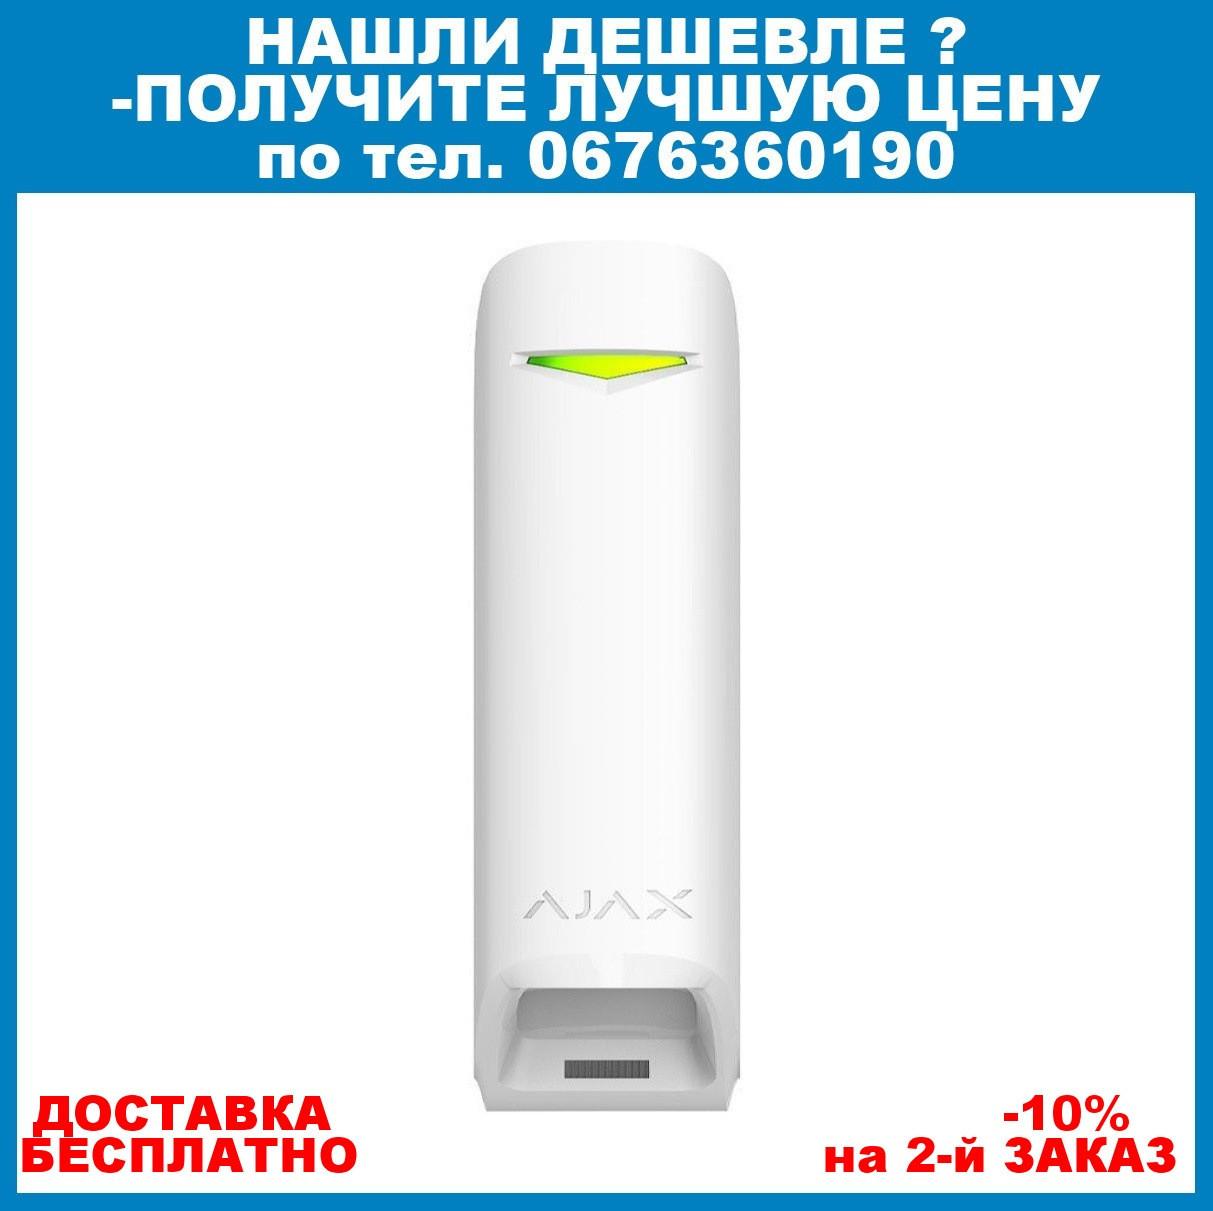 Датчик-штора Ajax MotionProtect Curtain белый